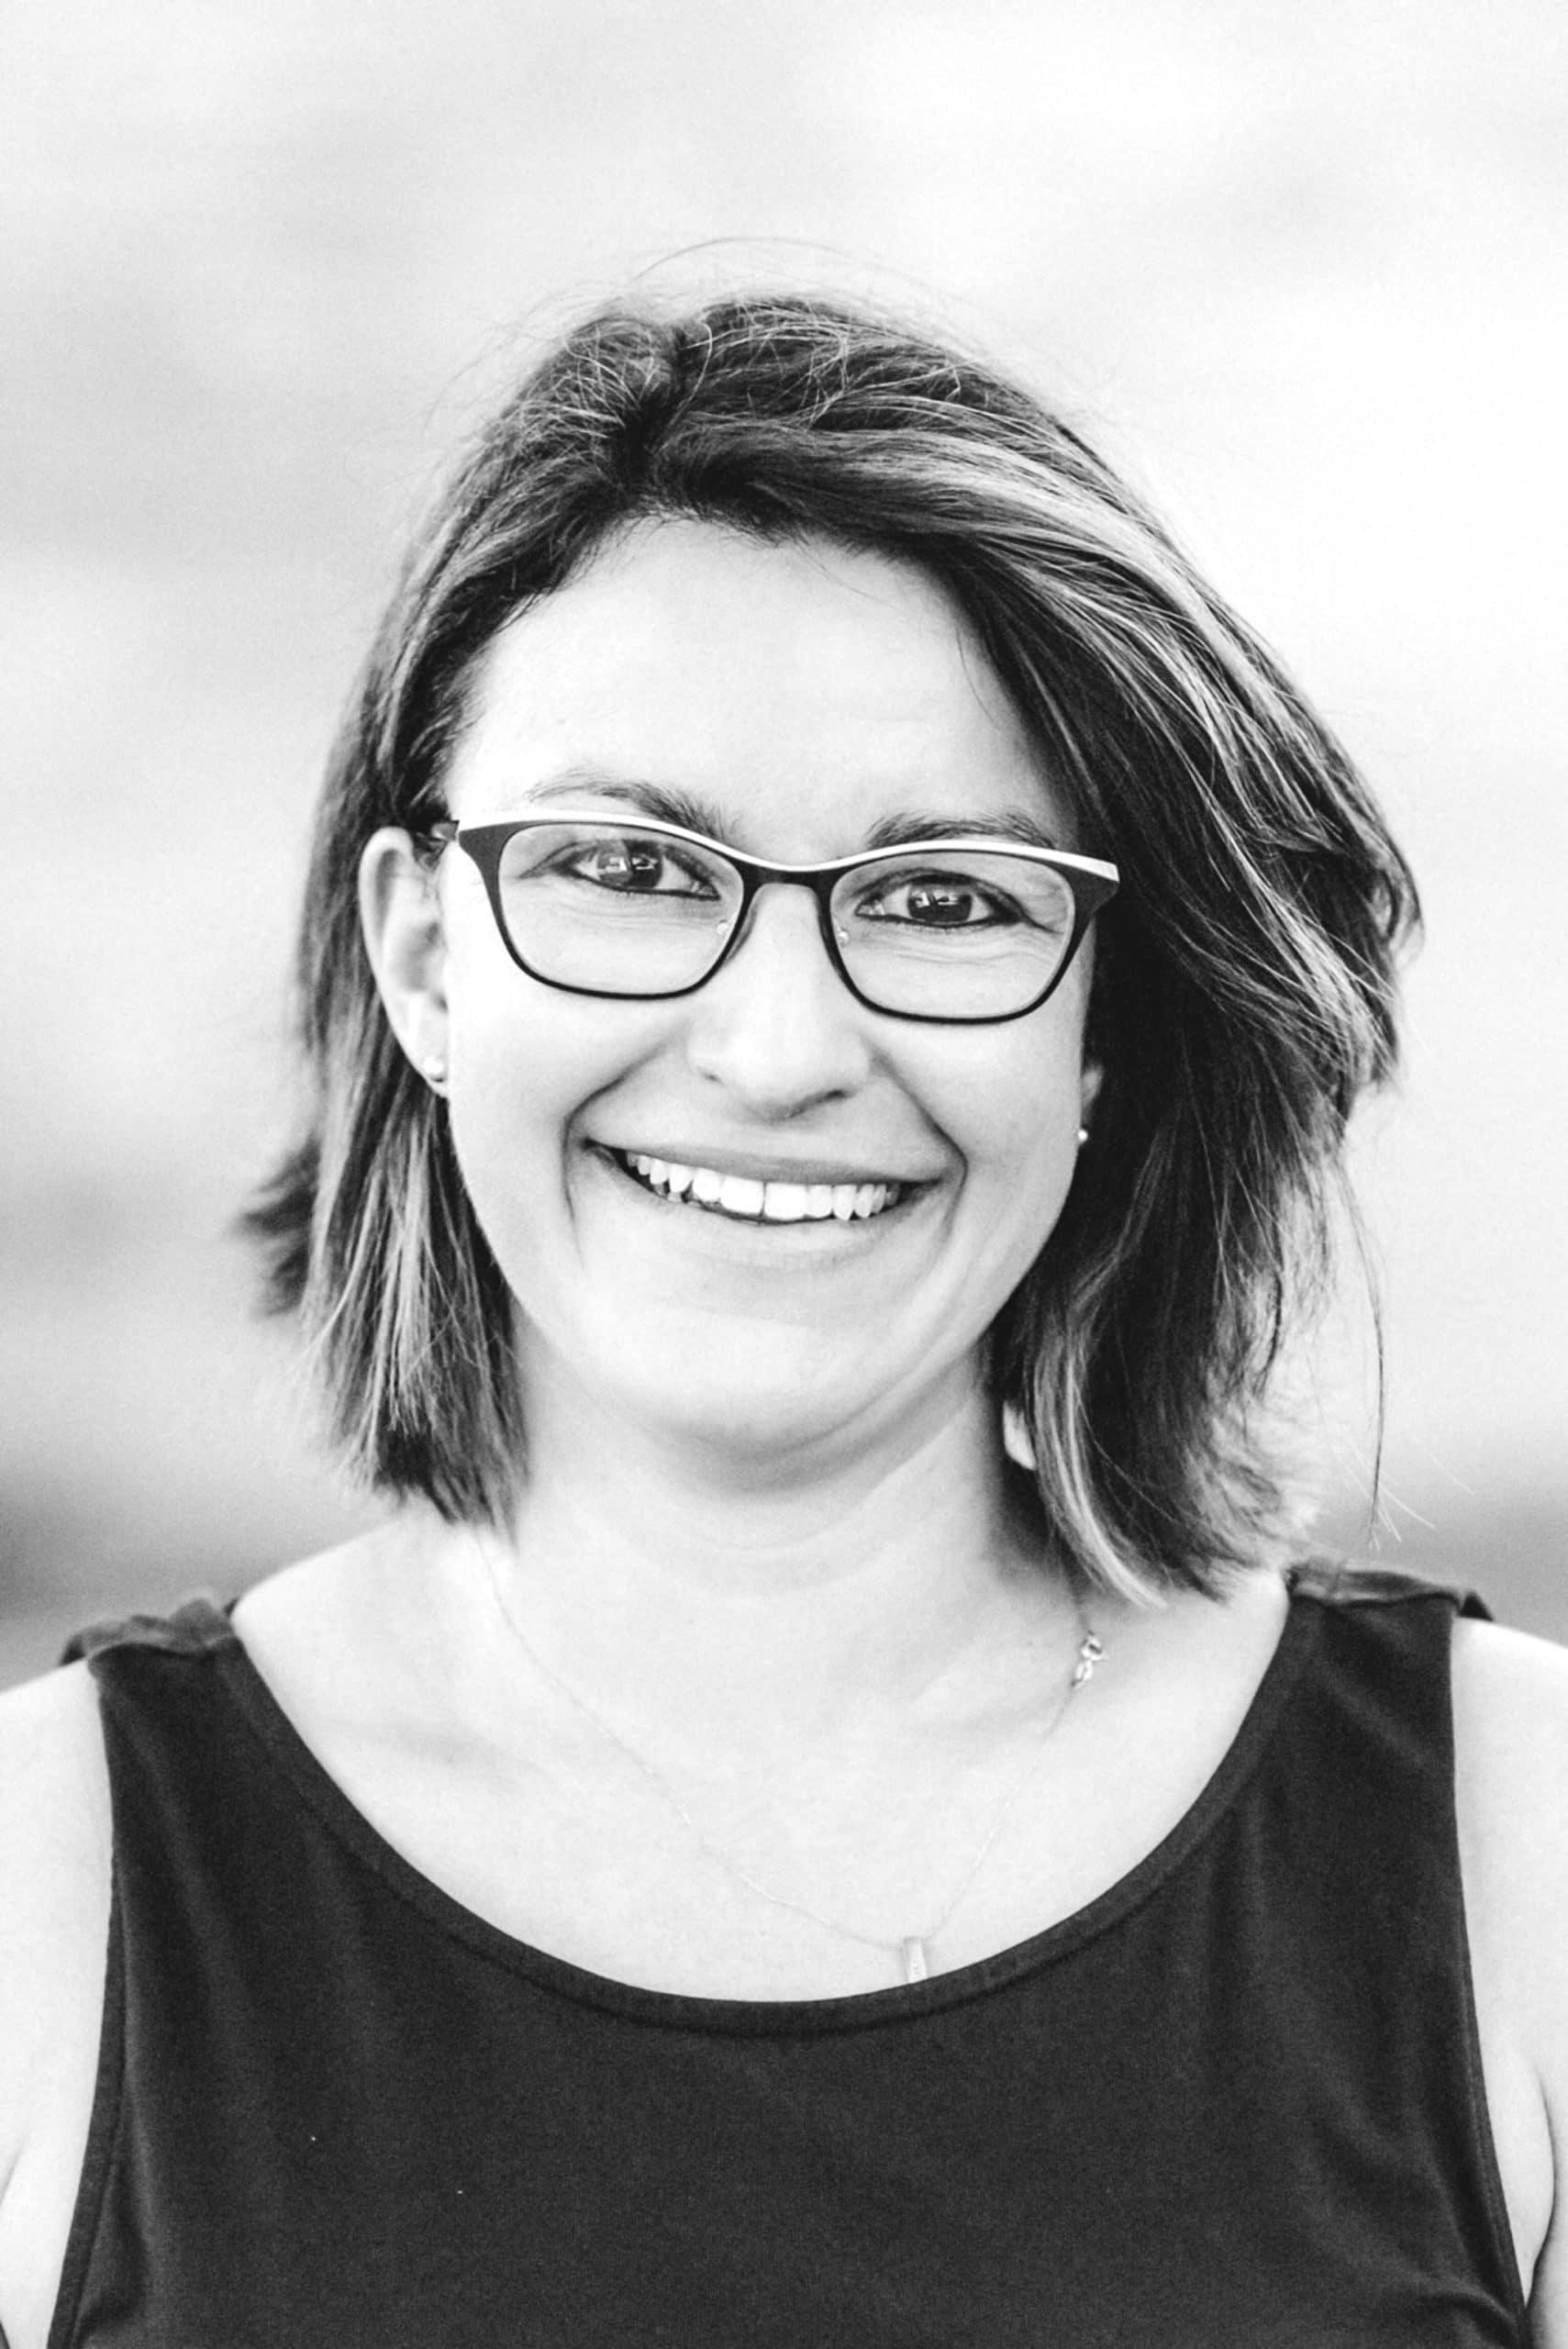 Conseillère en formation - Marielle Privat